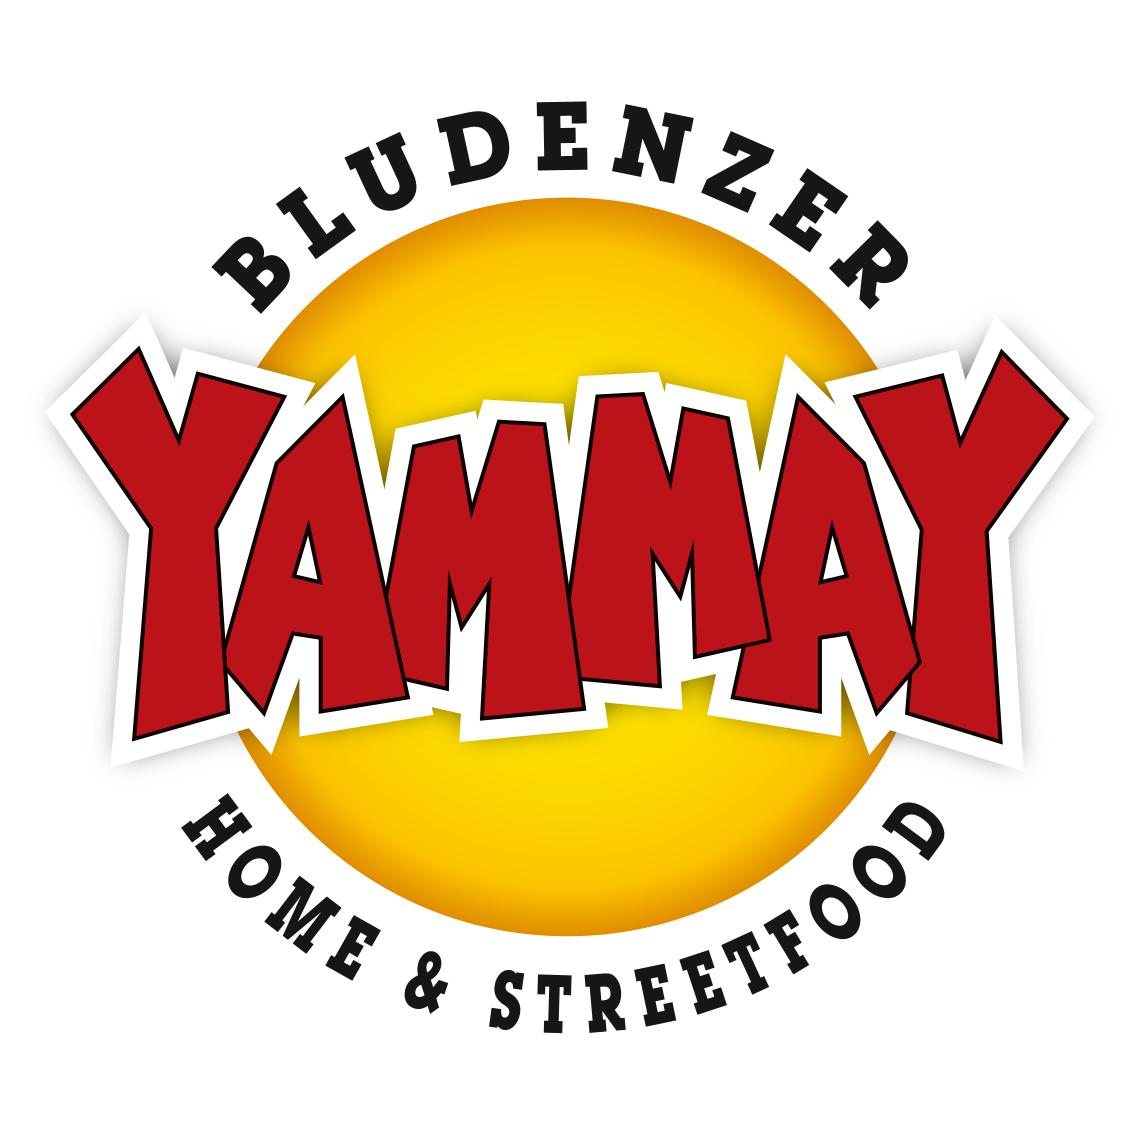 Yammay